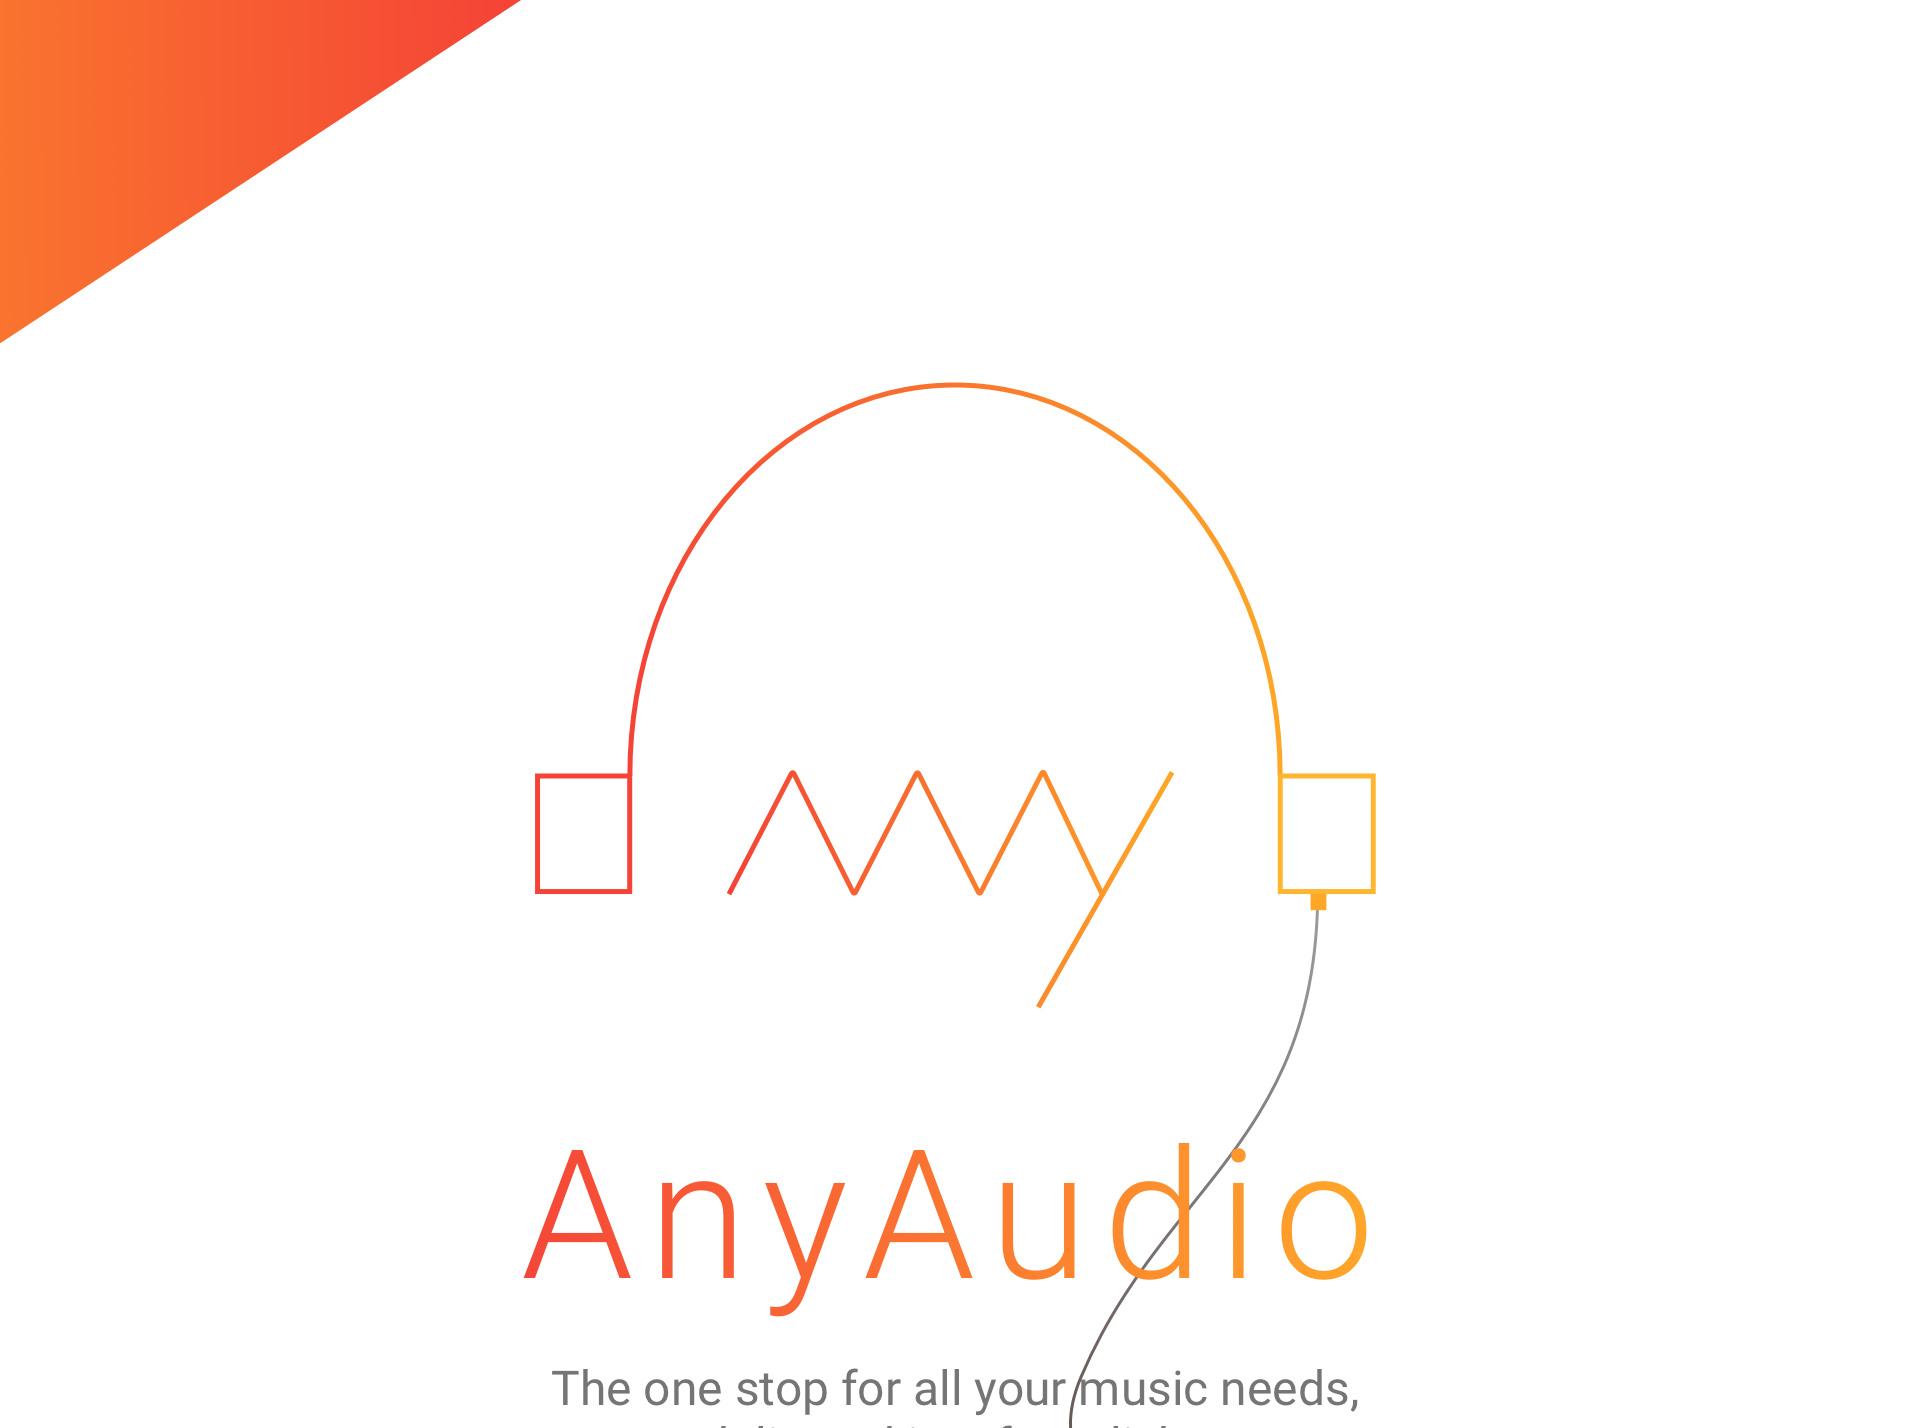 AnyAudio